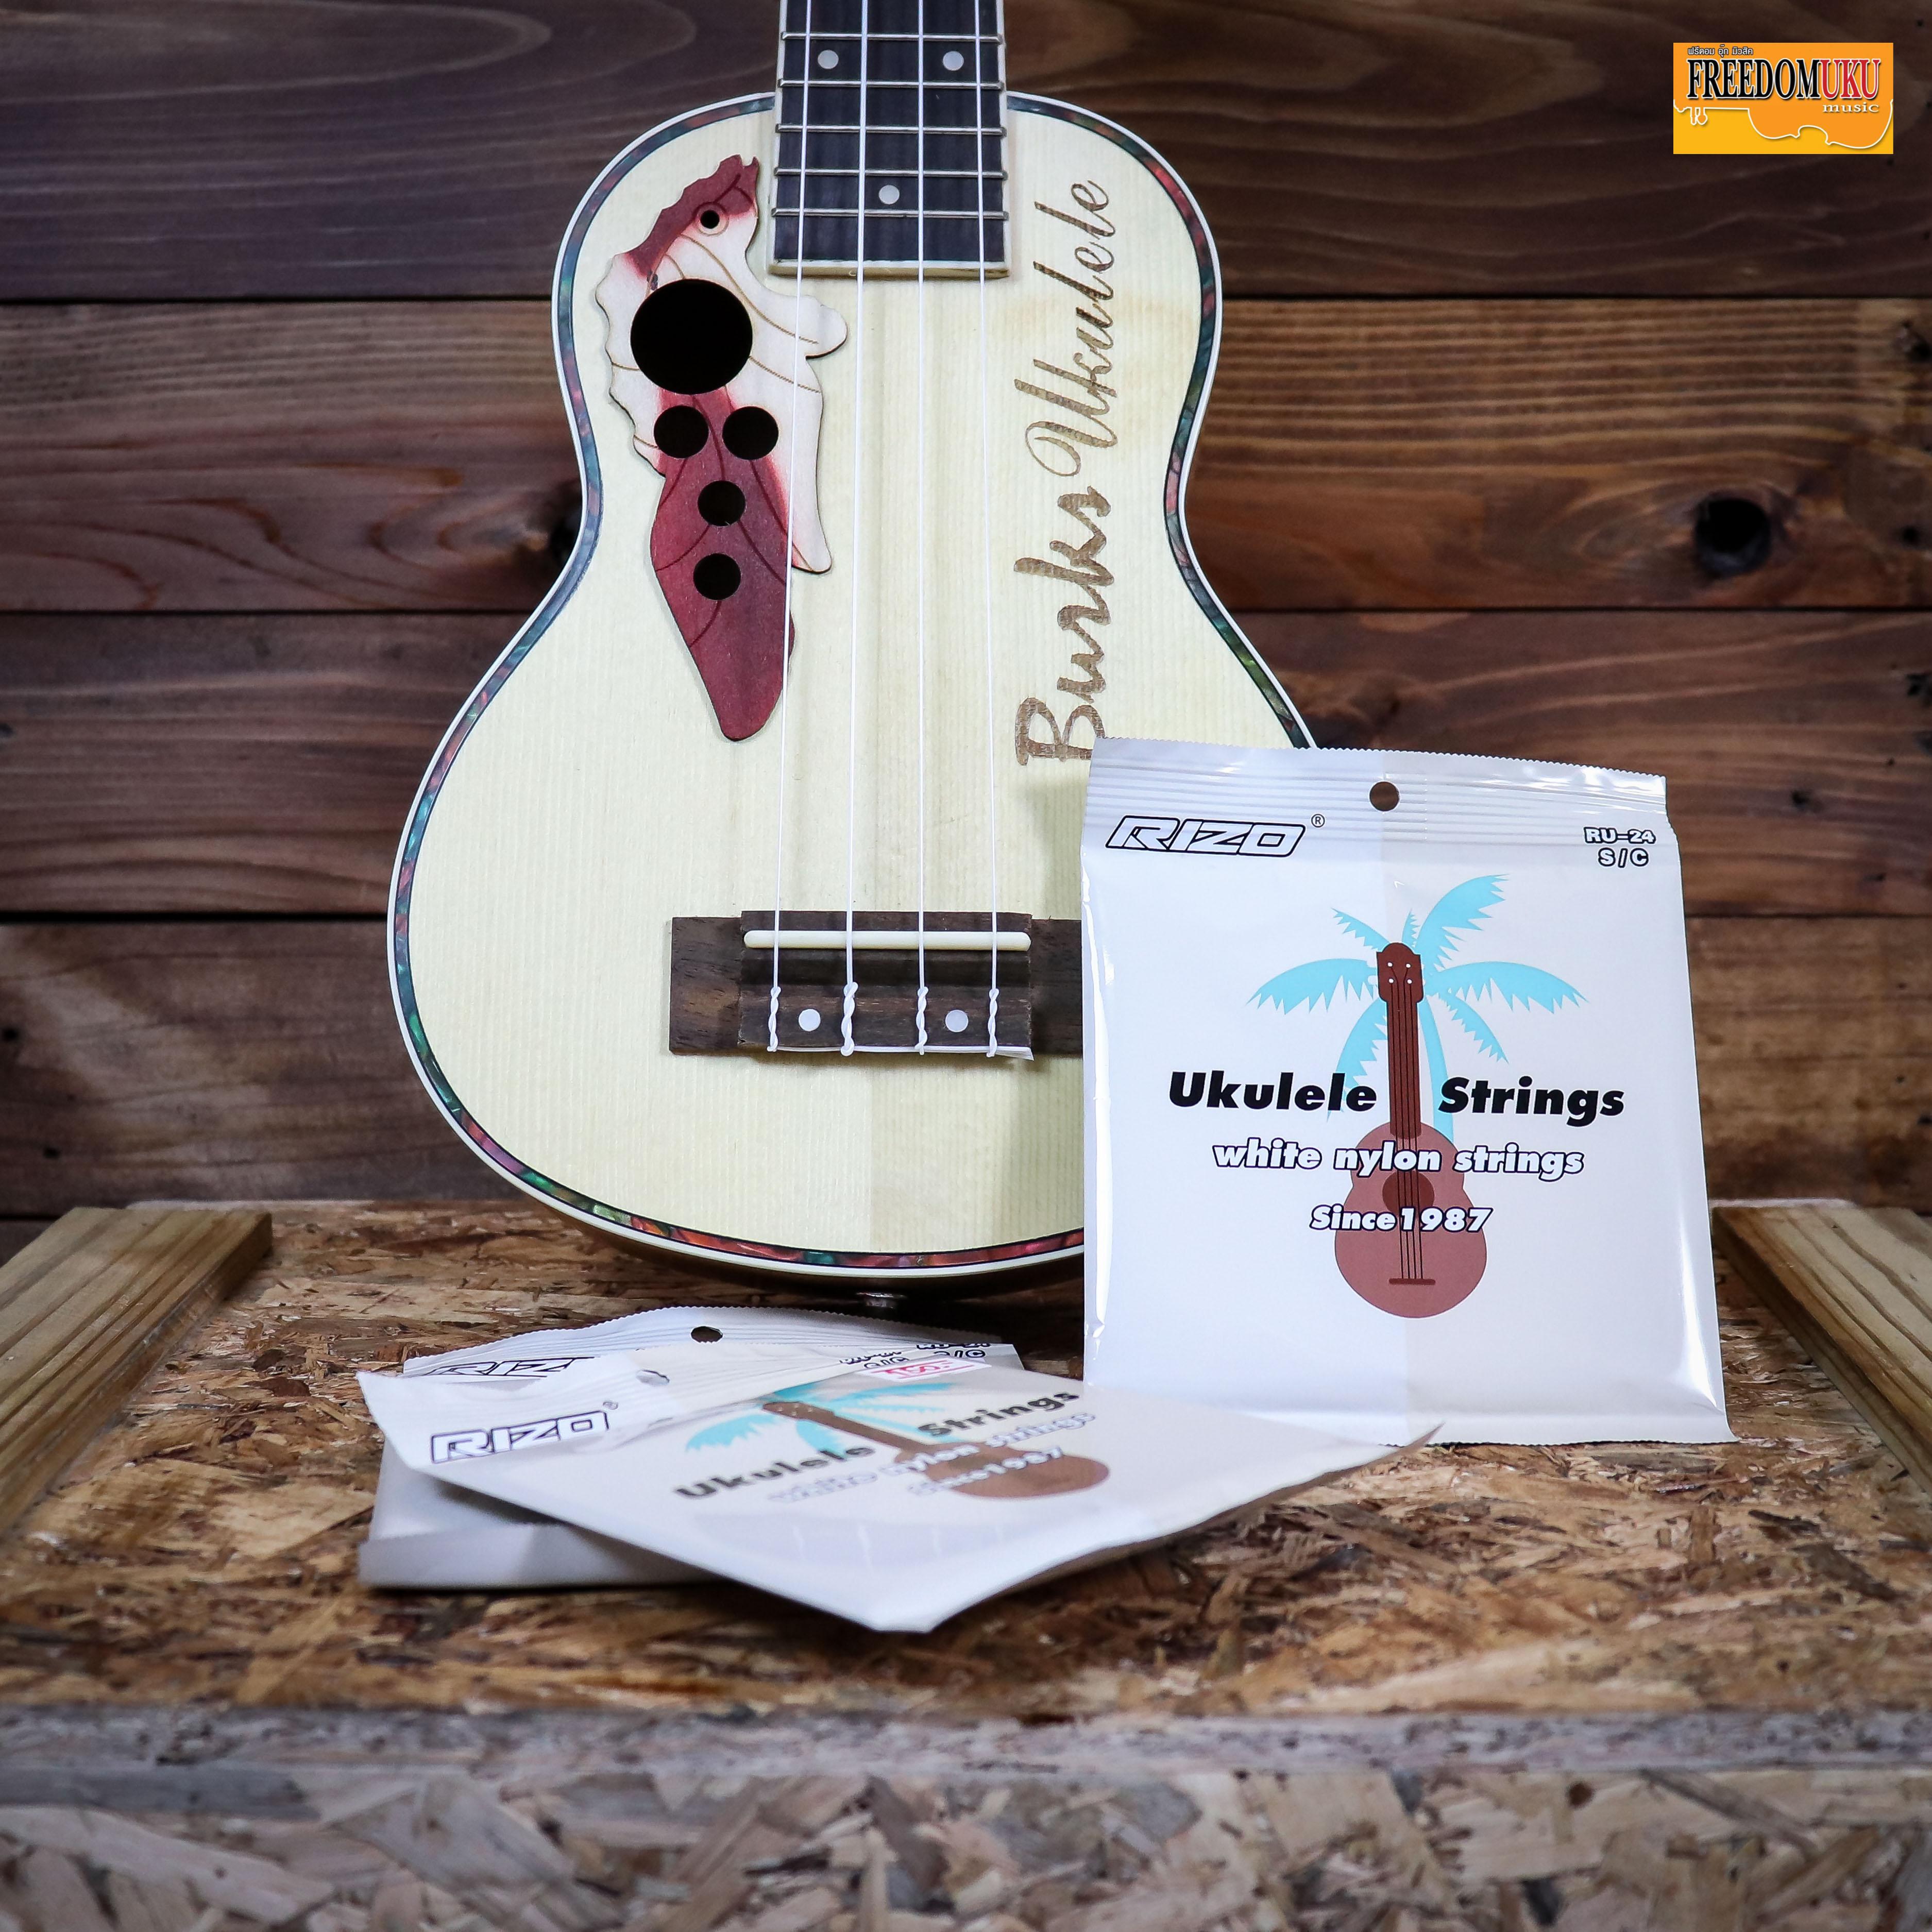 สายอูคูเลเล่ Rizo Ukulele White Nylon Strings RU-24 S/C